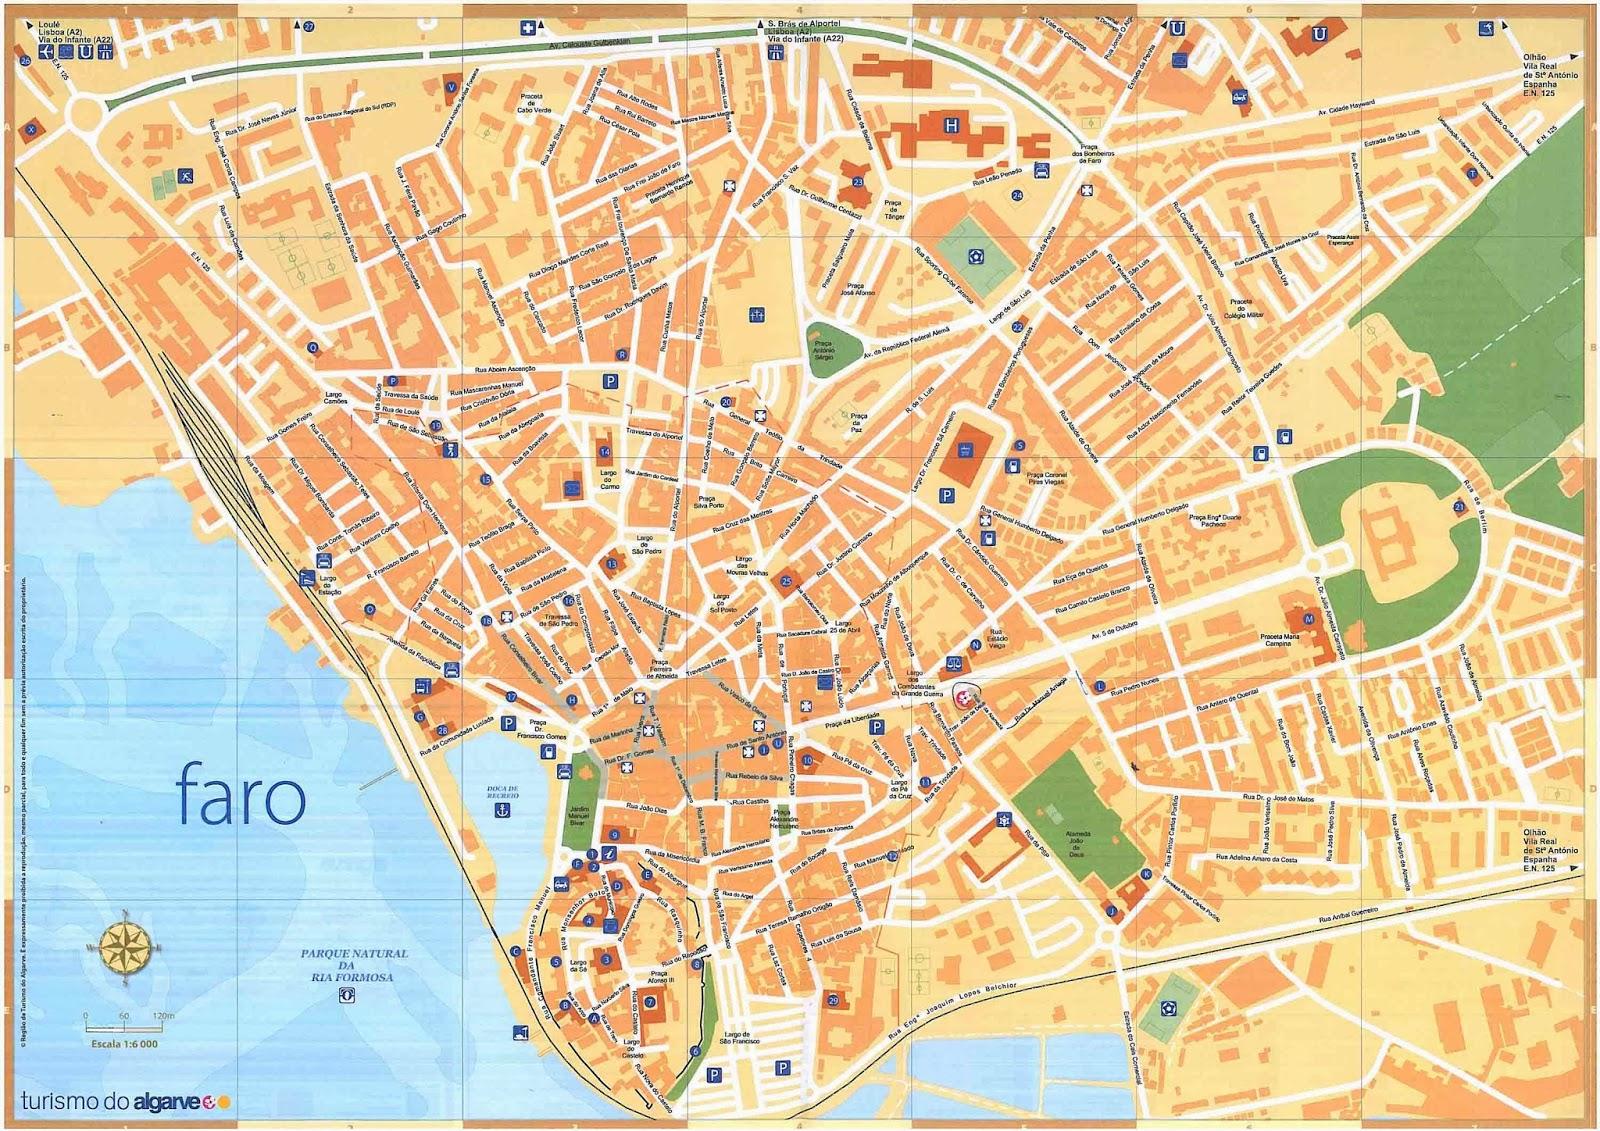 mapa de algarve portugal Mapas de Faro   Portugal | MapasBlog mapa de algarve portugal